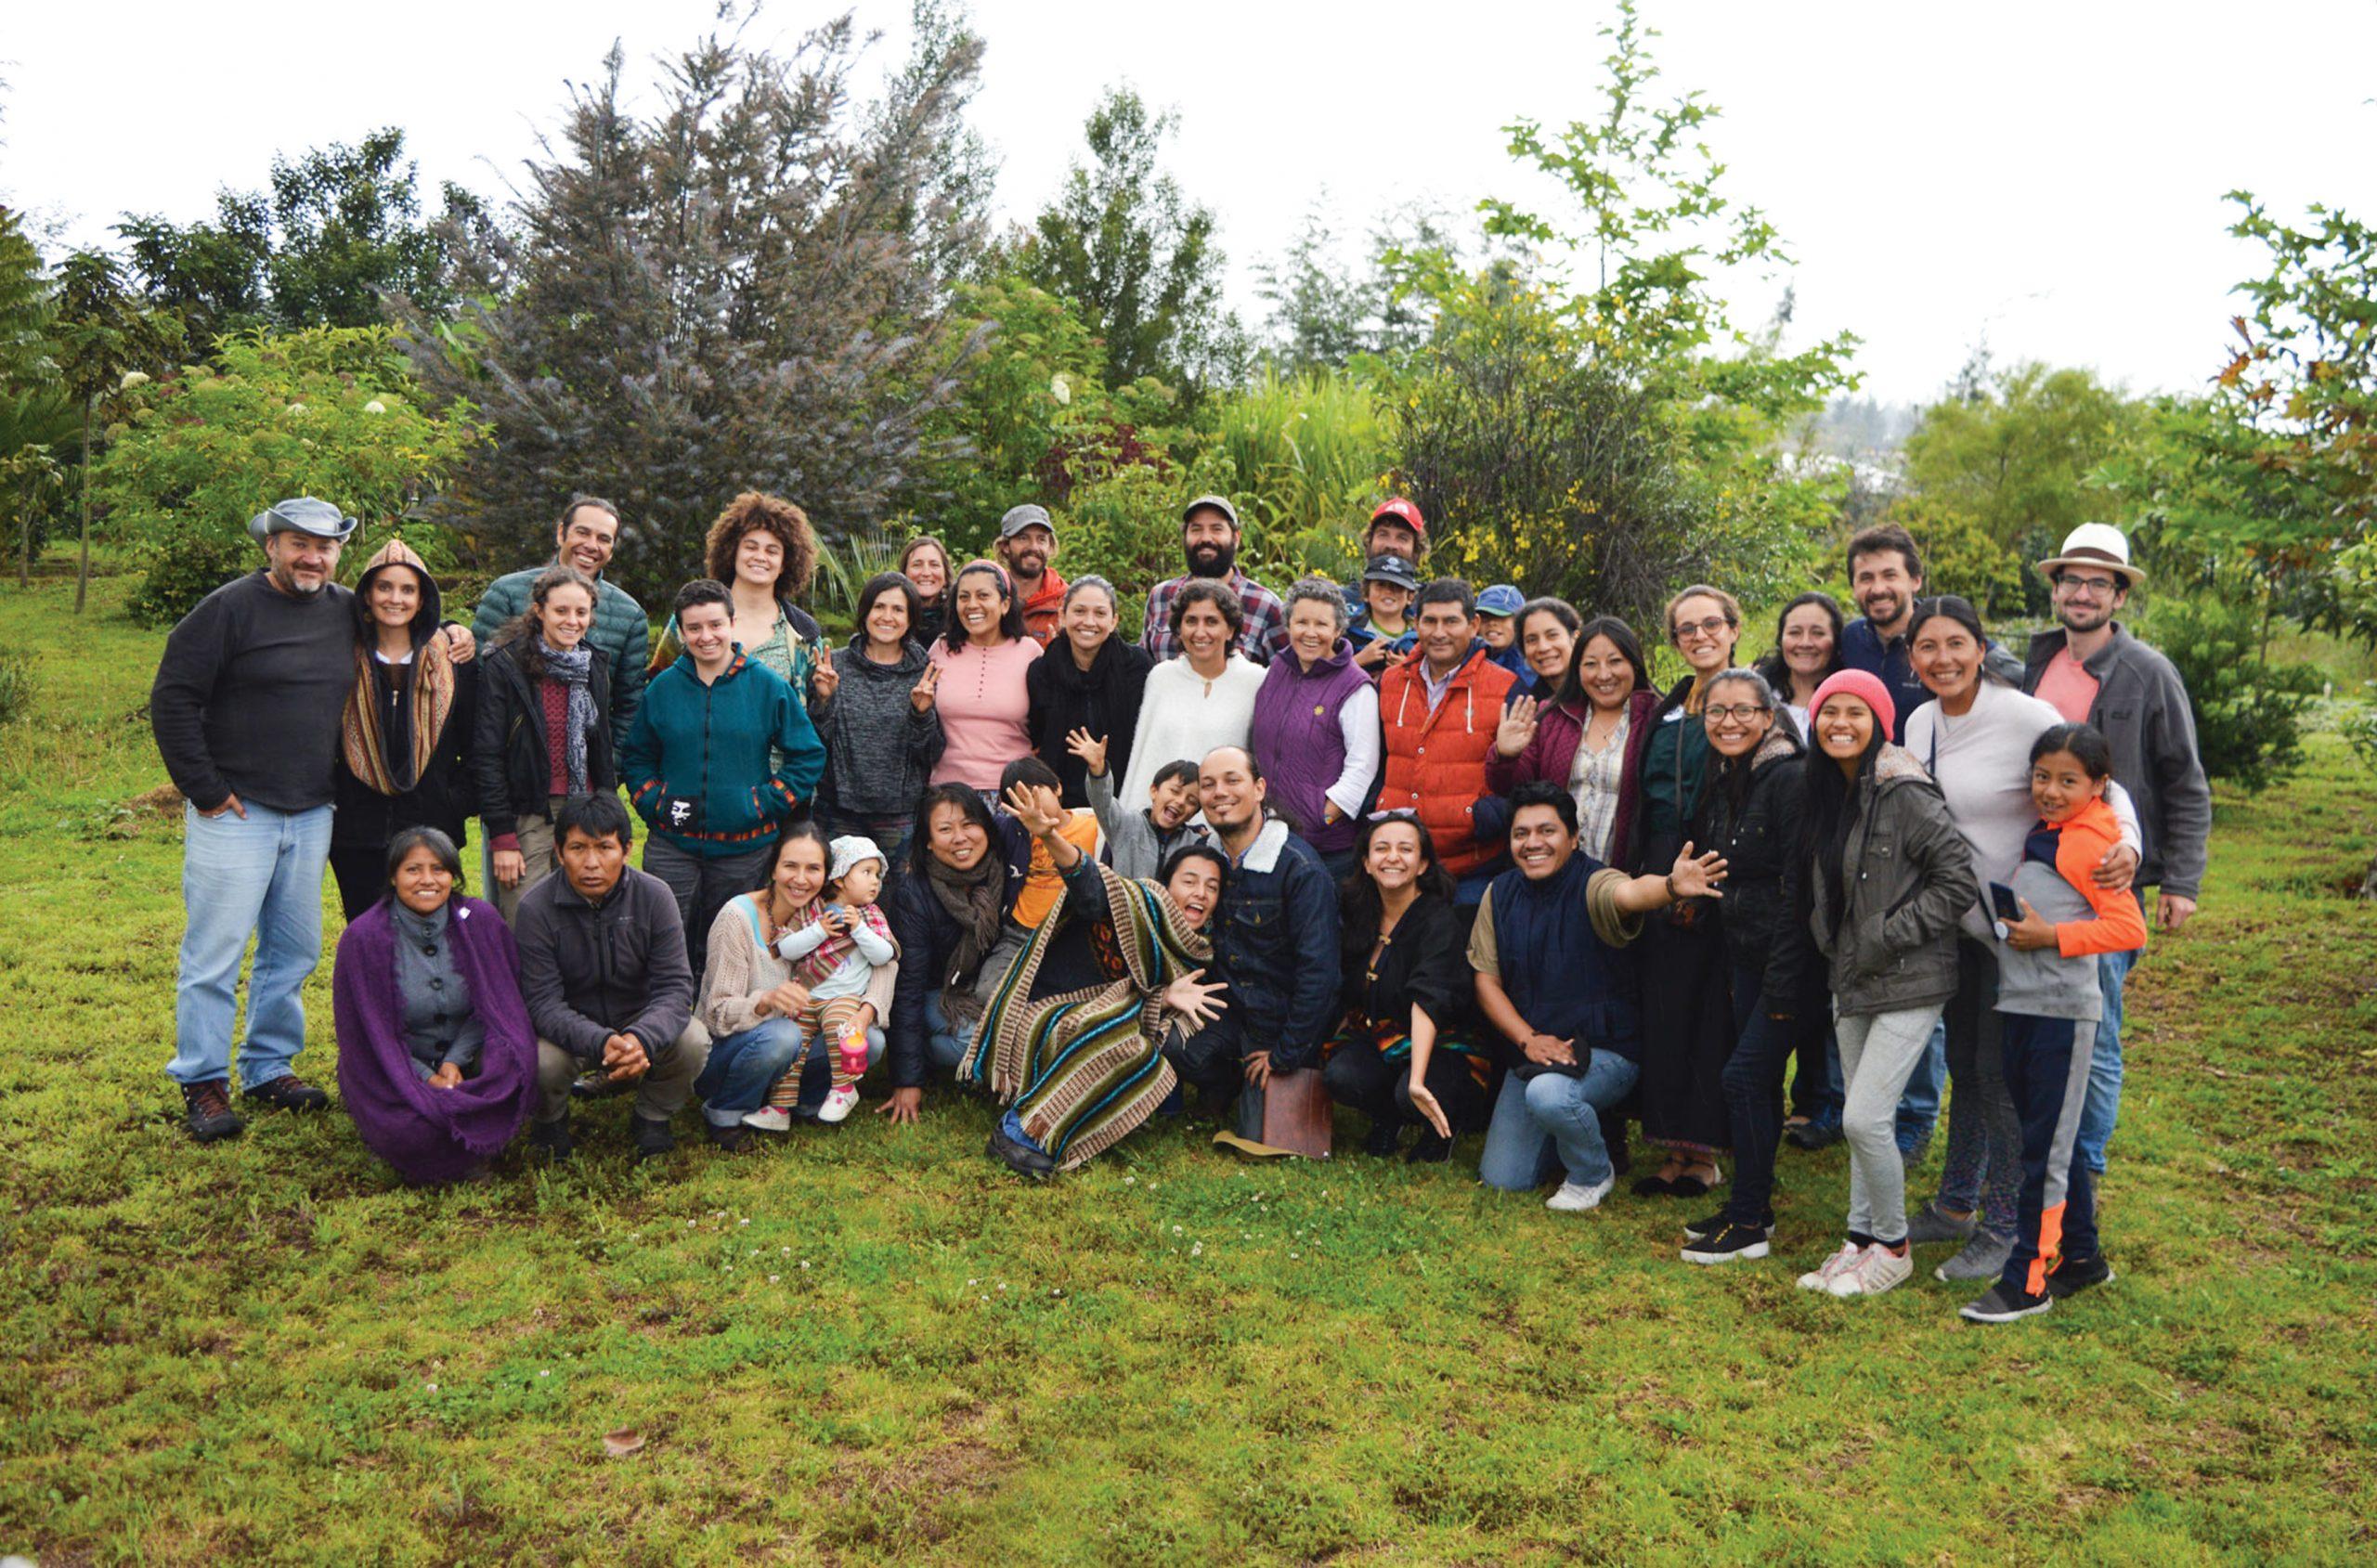 Familias que se unen por la regeneración ecológica y social